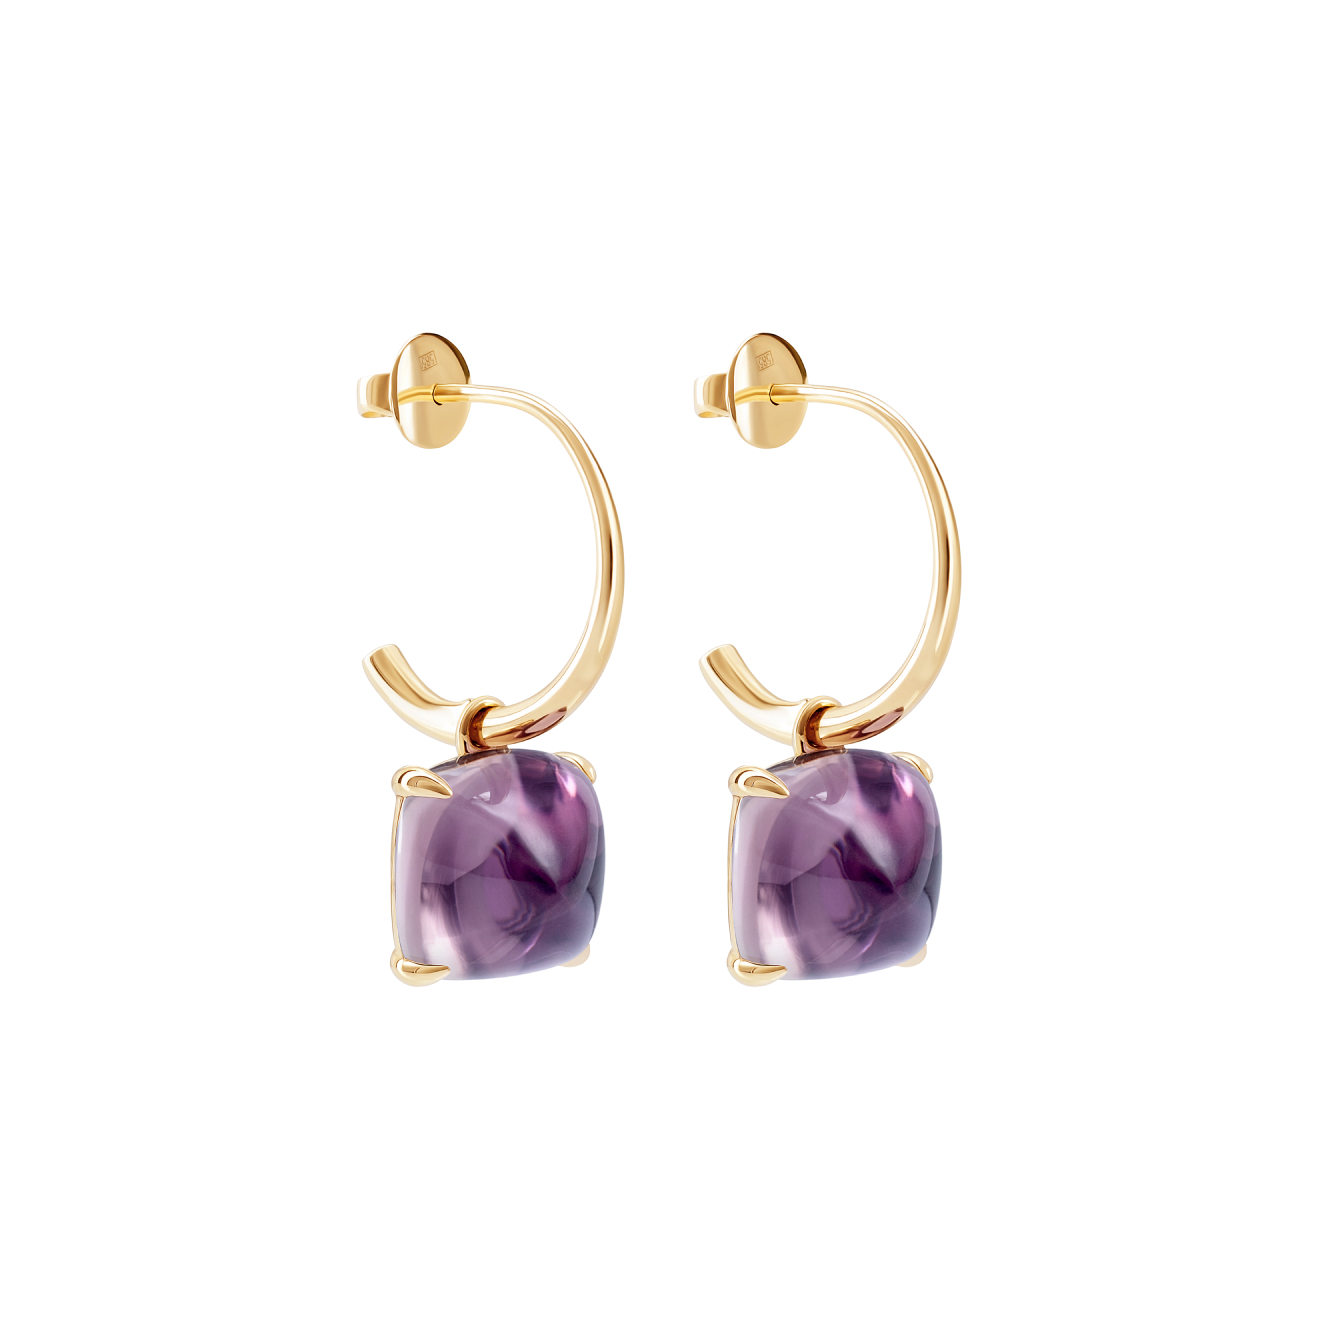 Leonie Jewelry Серьги из золота Kisses Maxi с аметистом